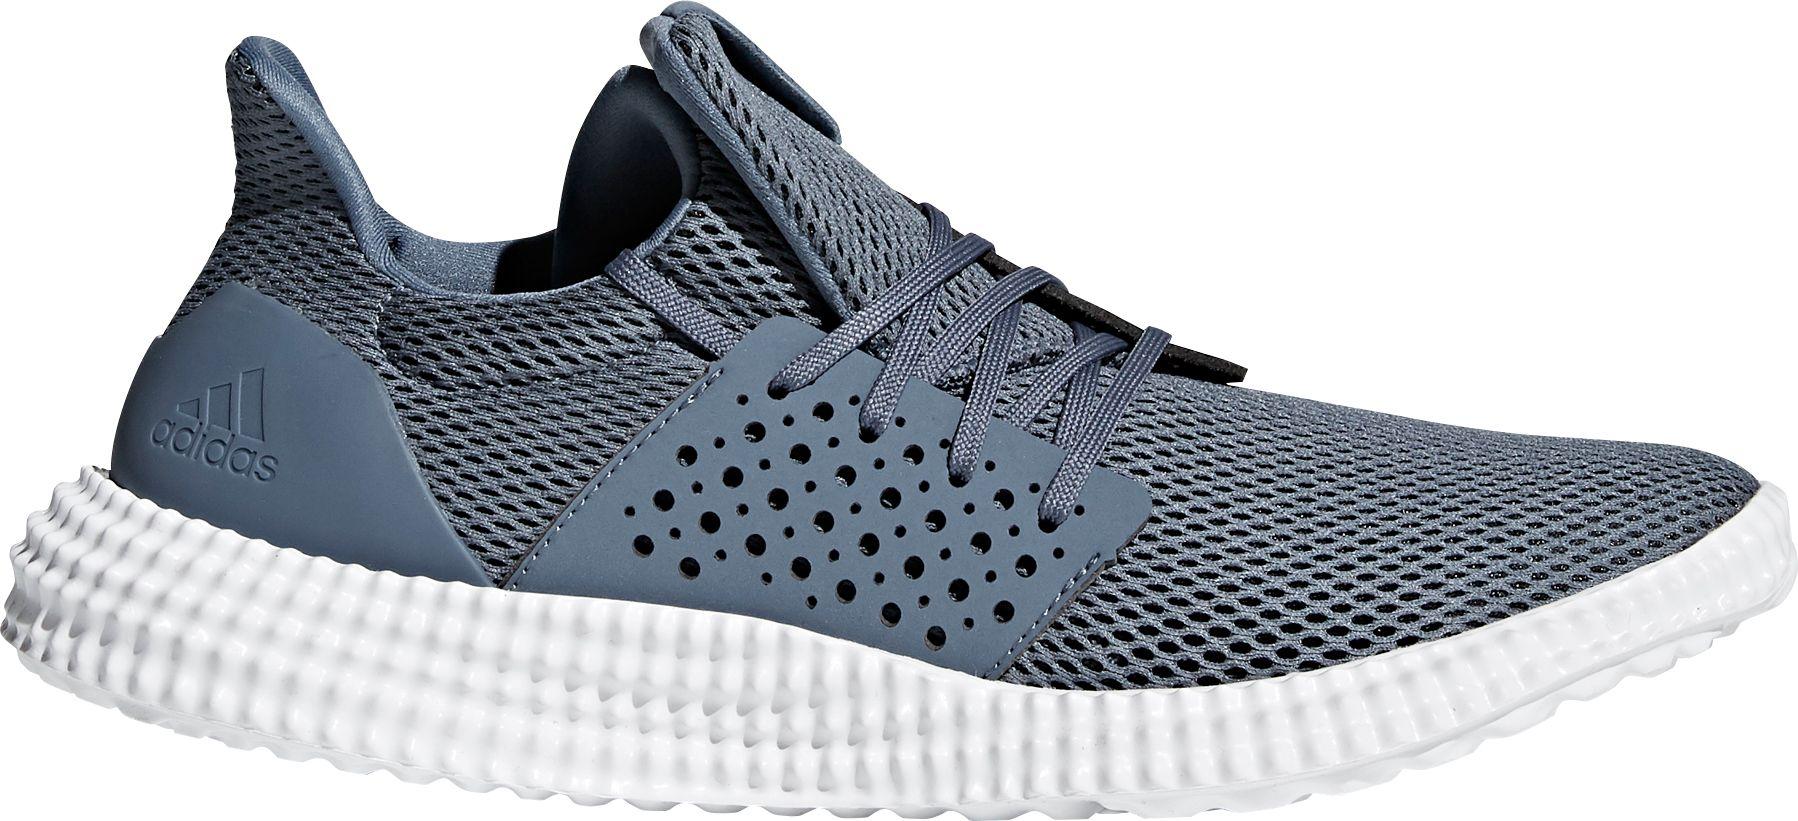 Adidas gli athletics 24 / 7: formazione scarpe dick articoli sportivi